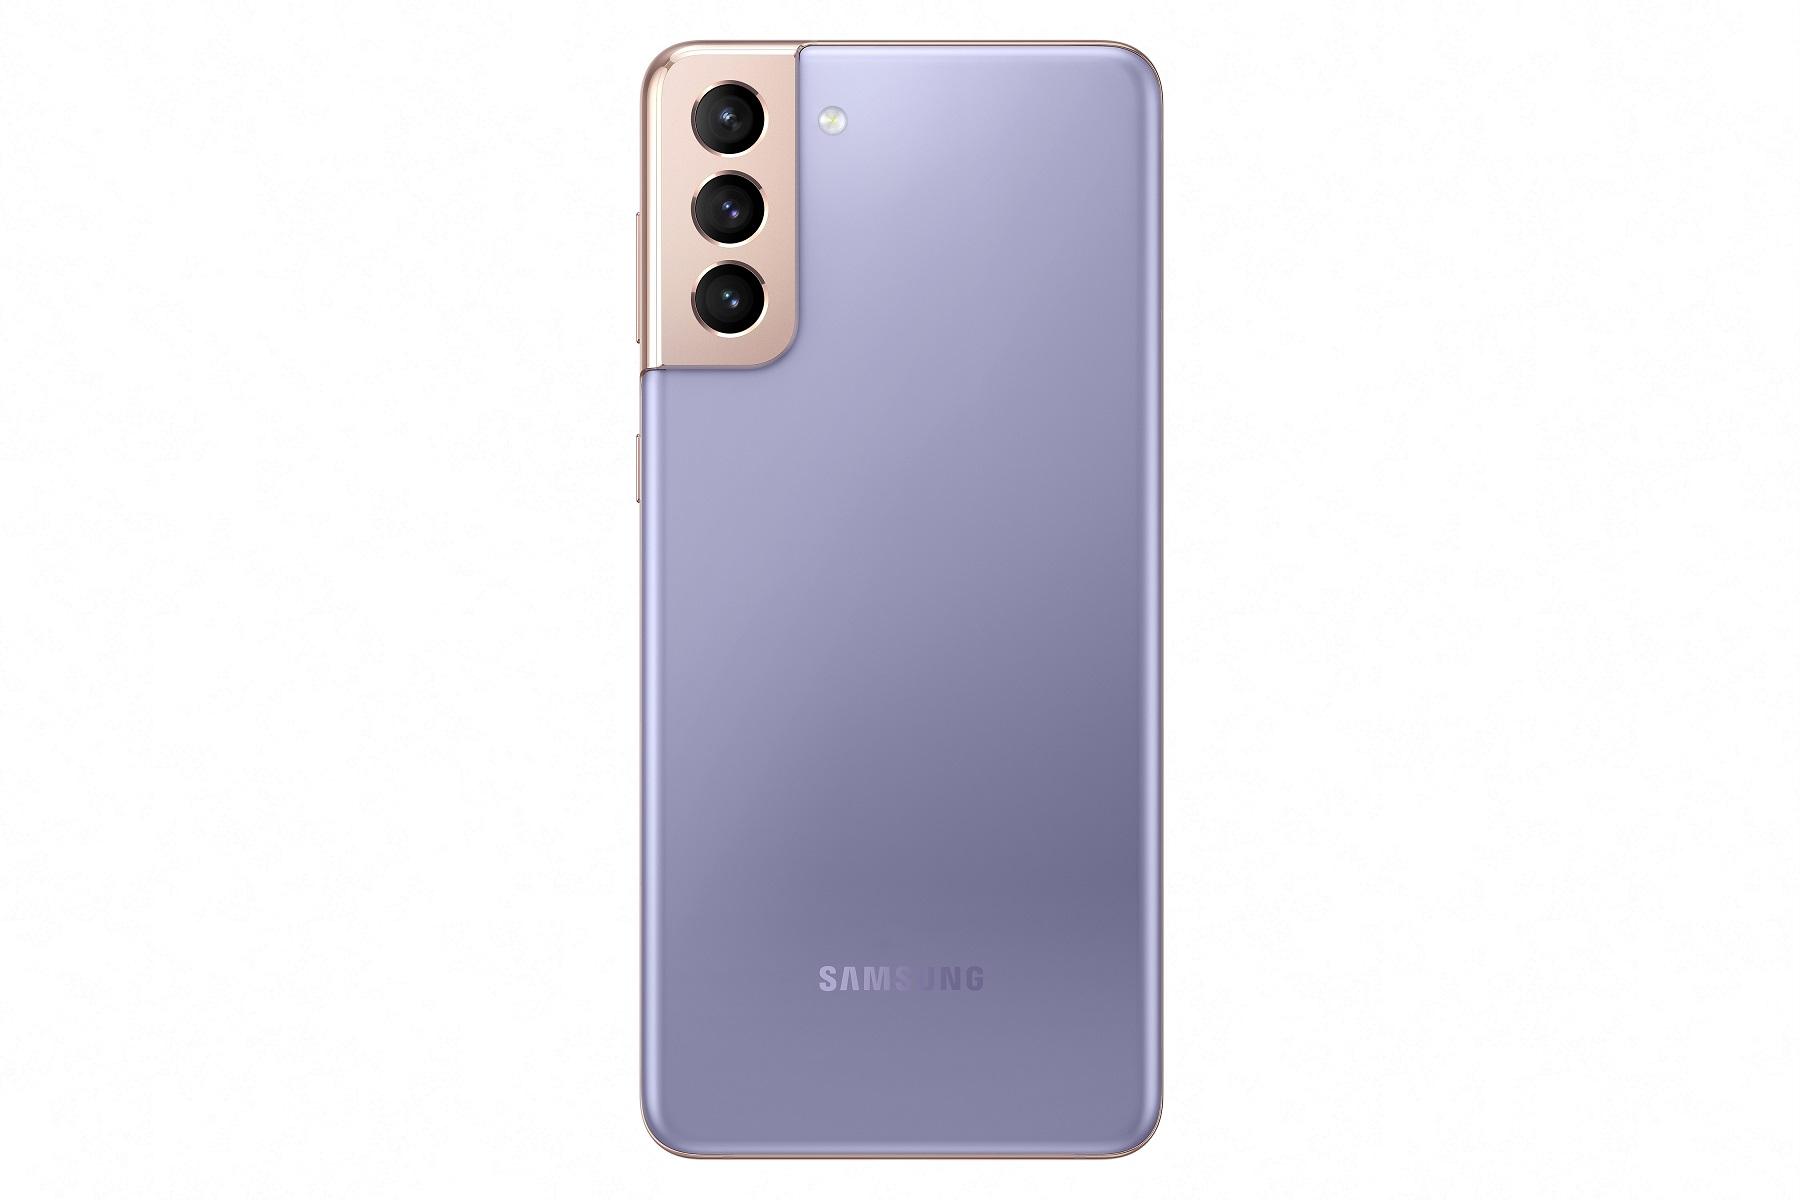 Samsung Galaxy S21+ violet 128GB - SM-G996BZVDEUE